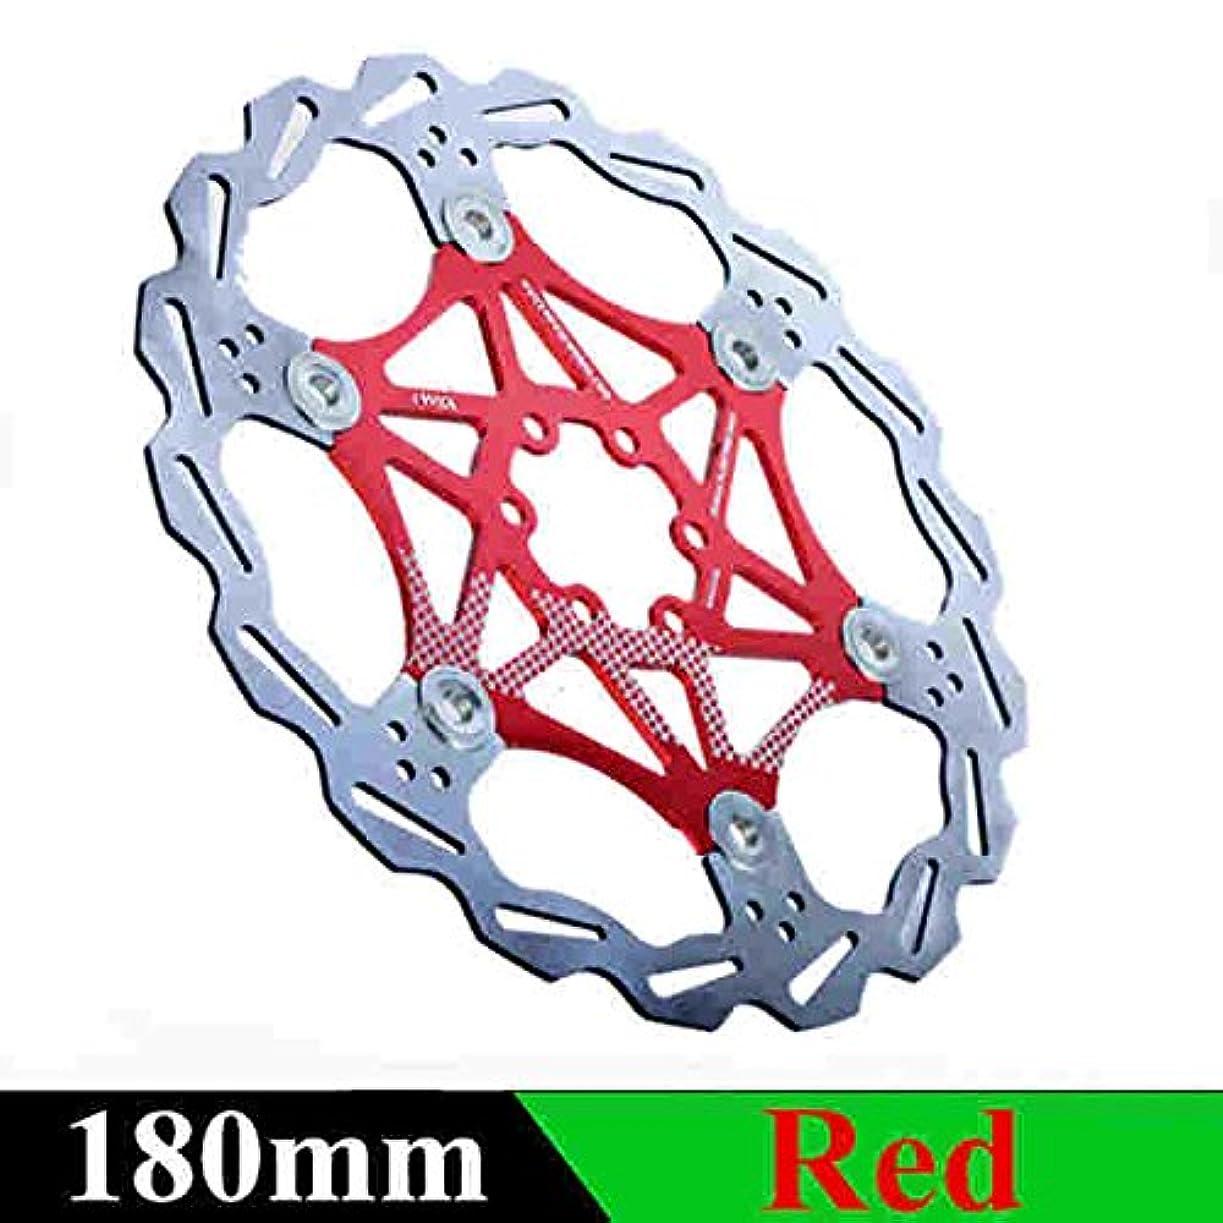 奇妙なマッサージマッサージPropenary - 自転車ディスクブレーキDHブレーキフロートは、ディスクローターをフローティング160ミリメートル/ 180ミリメートル/ 203ミリメートルHydreaulicブレーキパッドフロートローター自転車パーツ[180ミリメートルレッド]